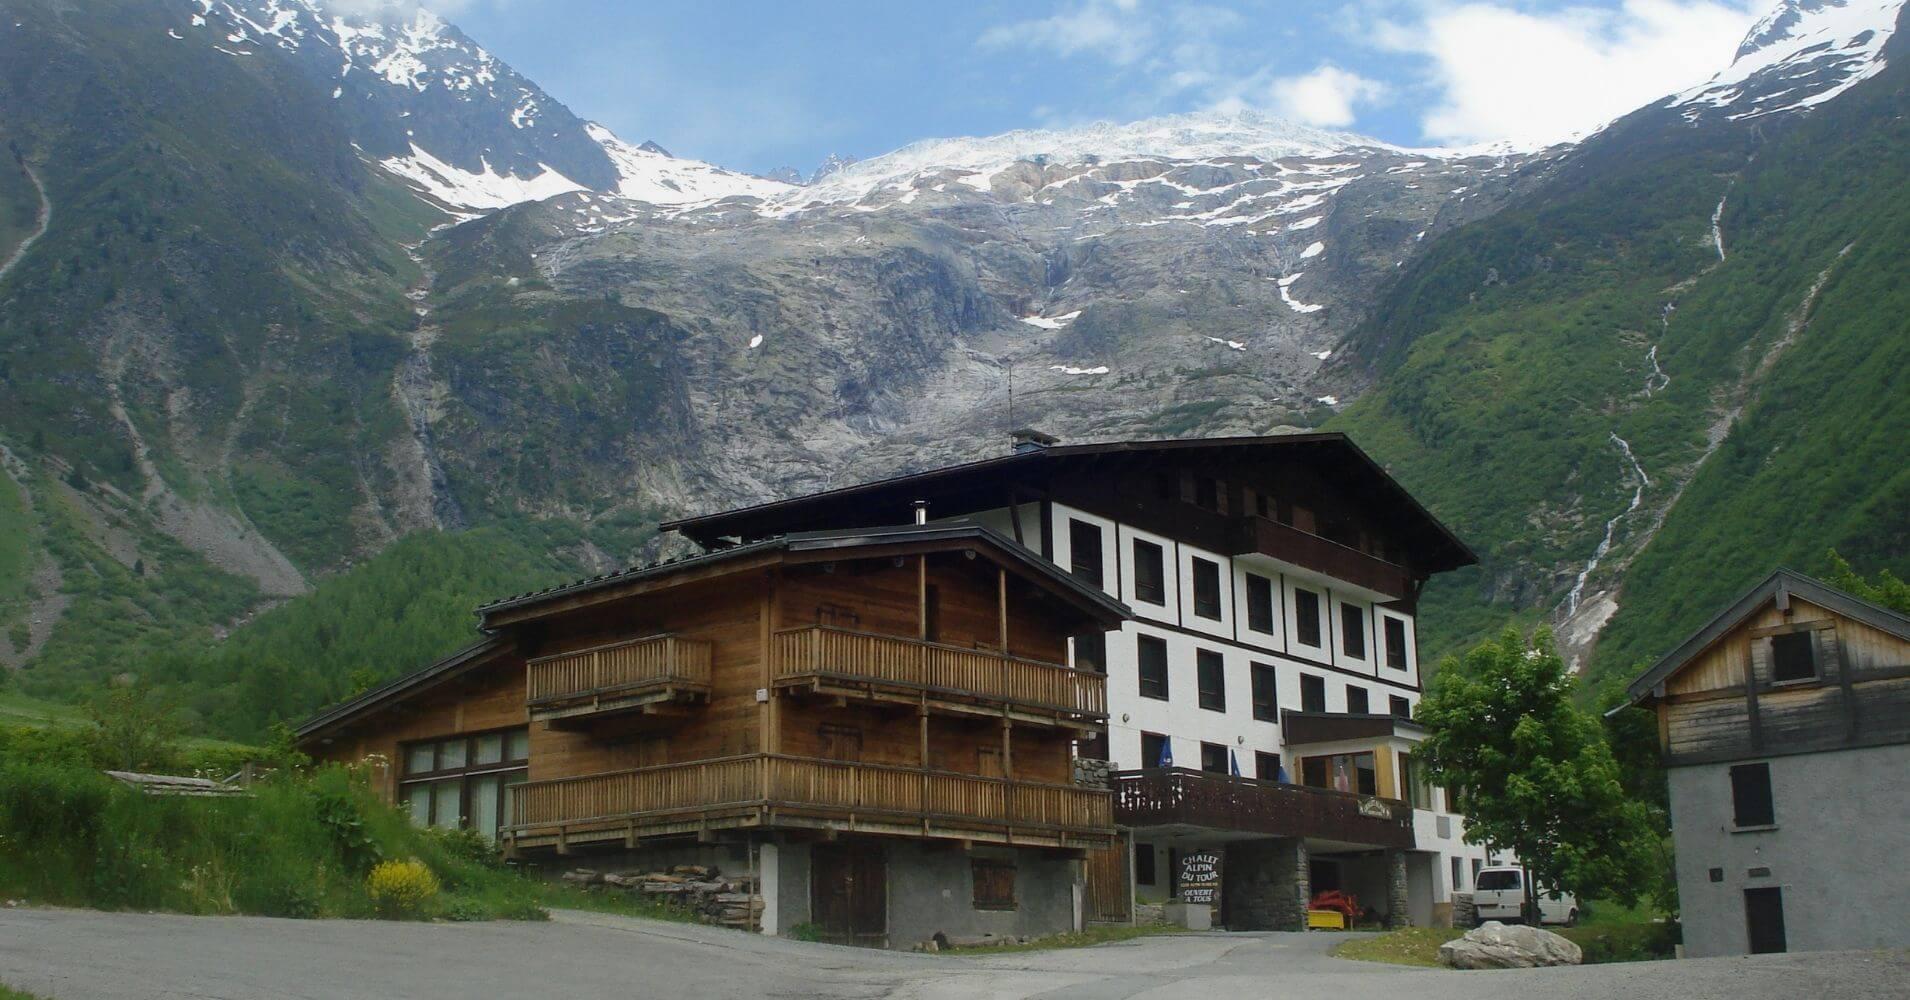 Refugios y Albergues del Tour del Mont Blanc. Cordillera de los Alpes. Francia, Italia, Suiza.